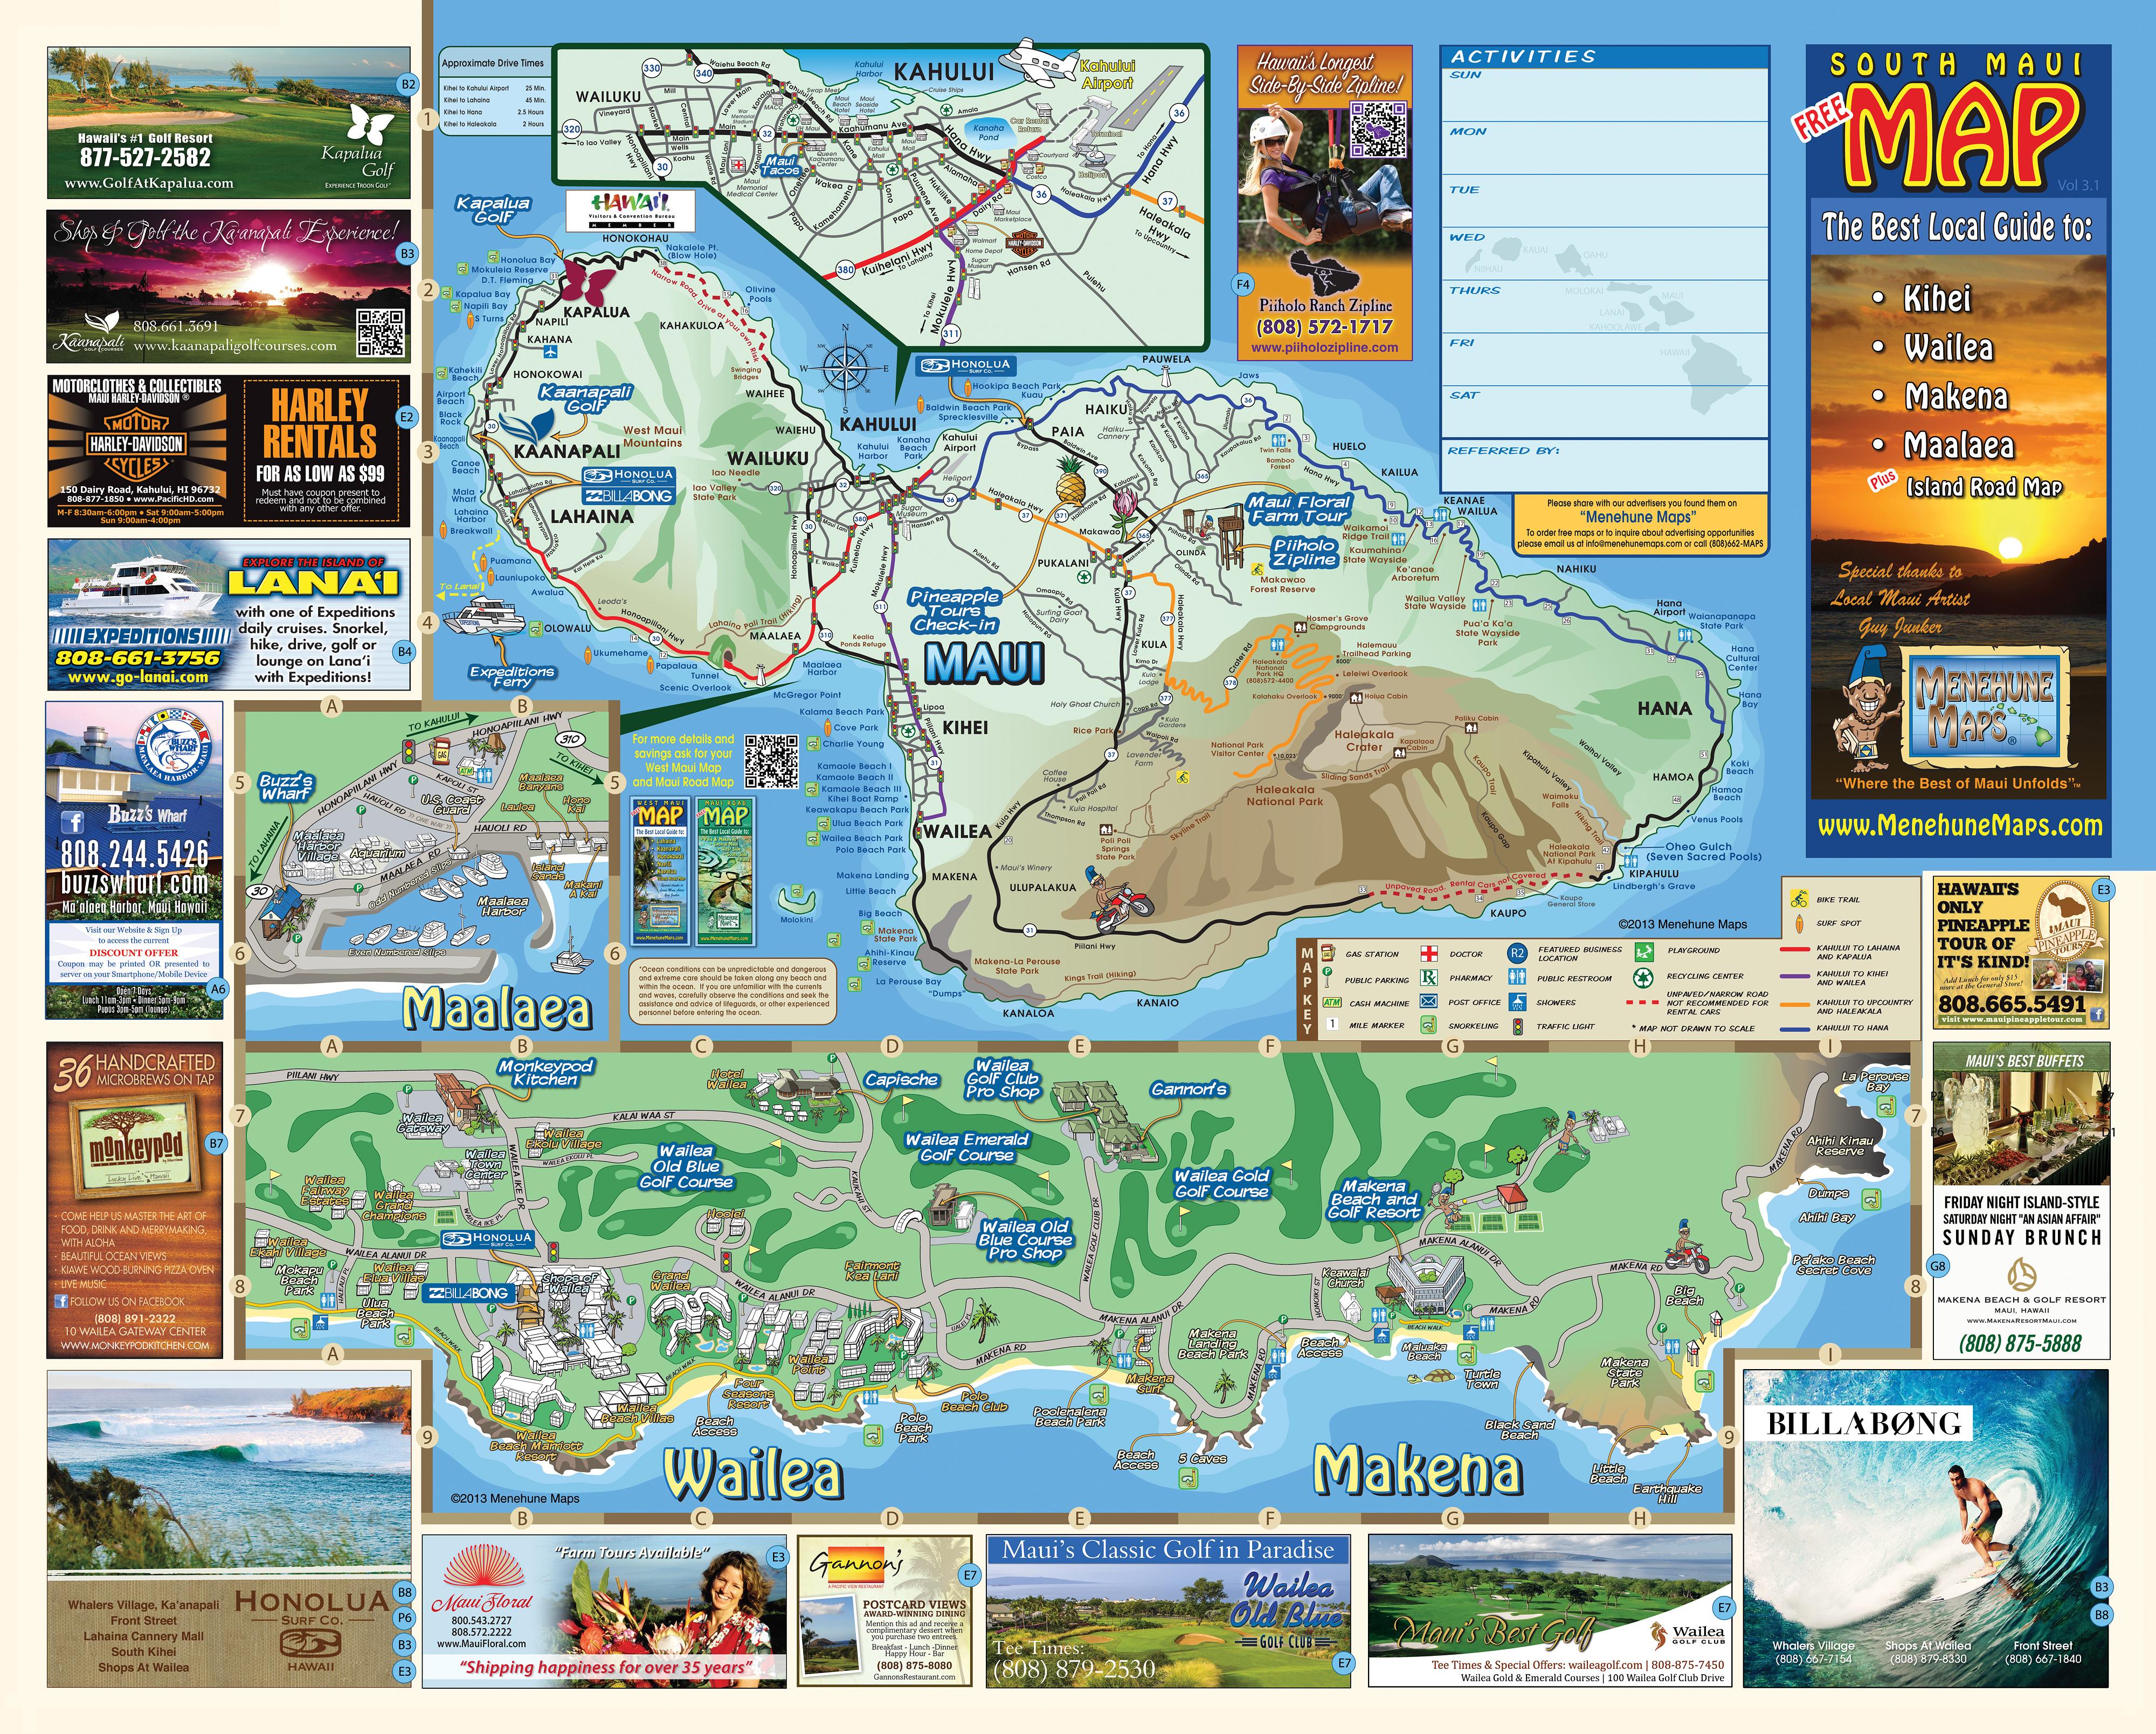 South Maui Grinds Menehune Maps